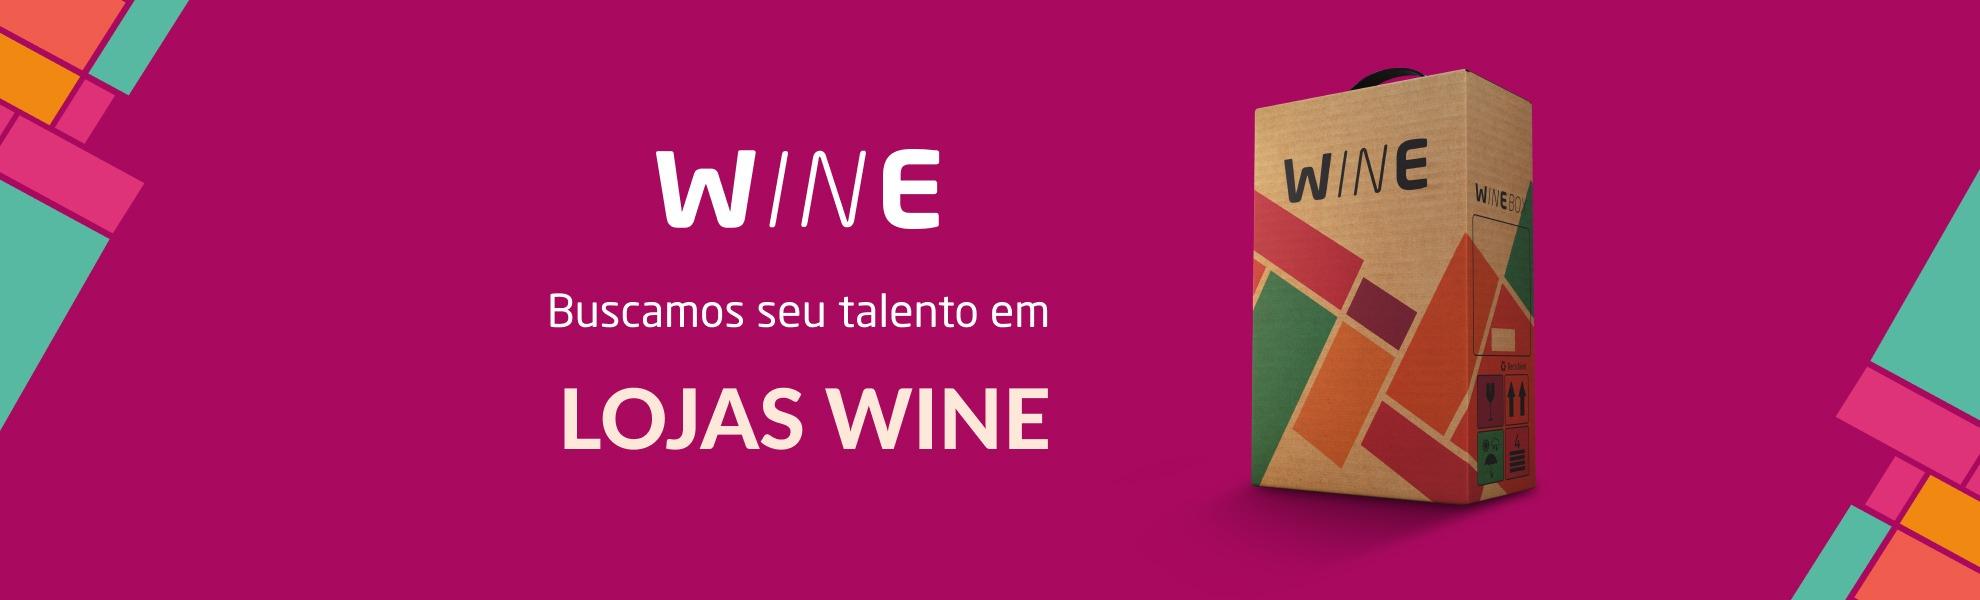 Vendedor de Loja de Vinhos - Curitiba/PR